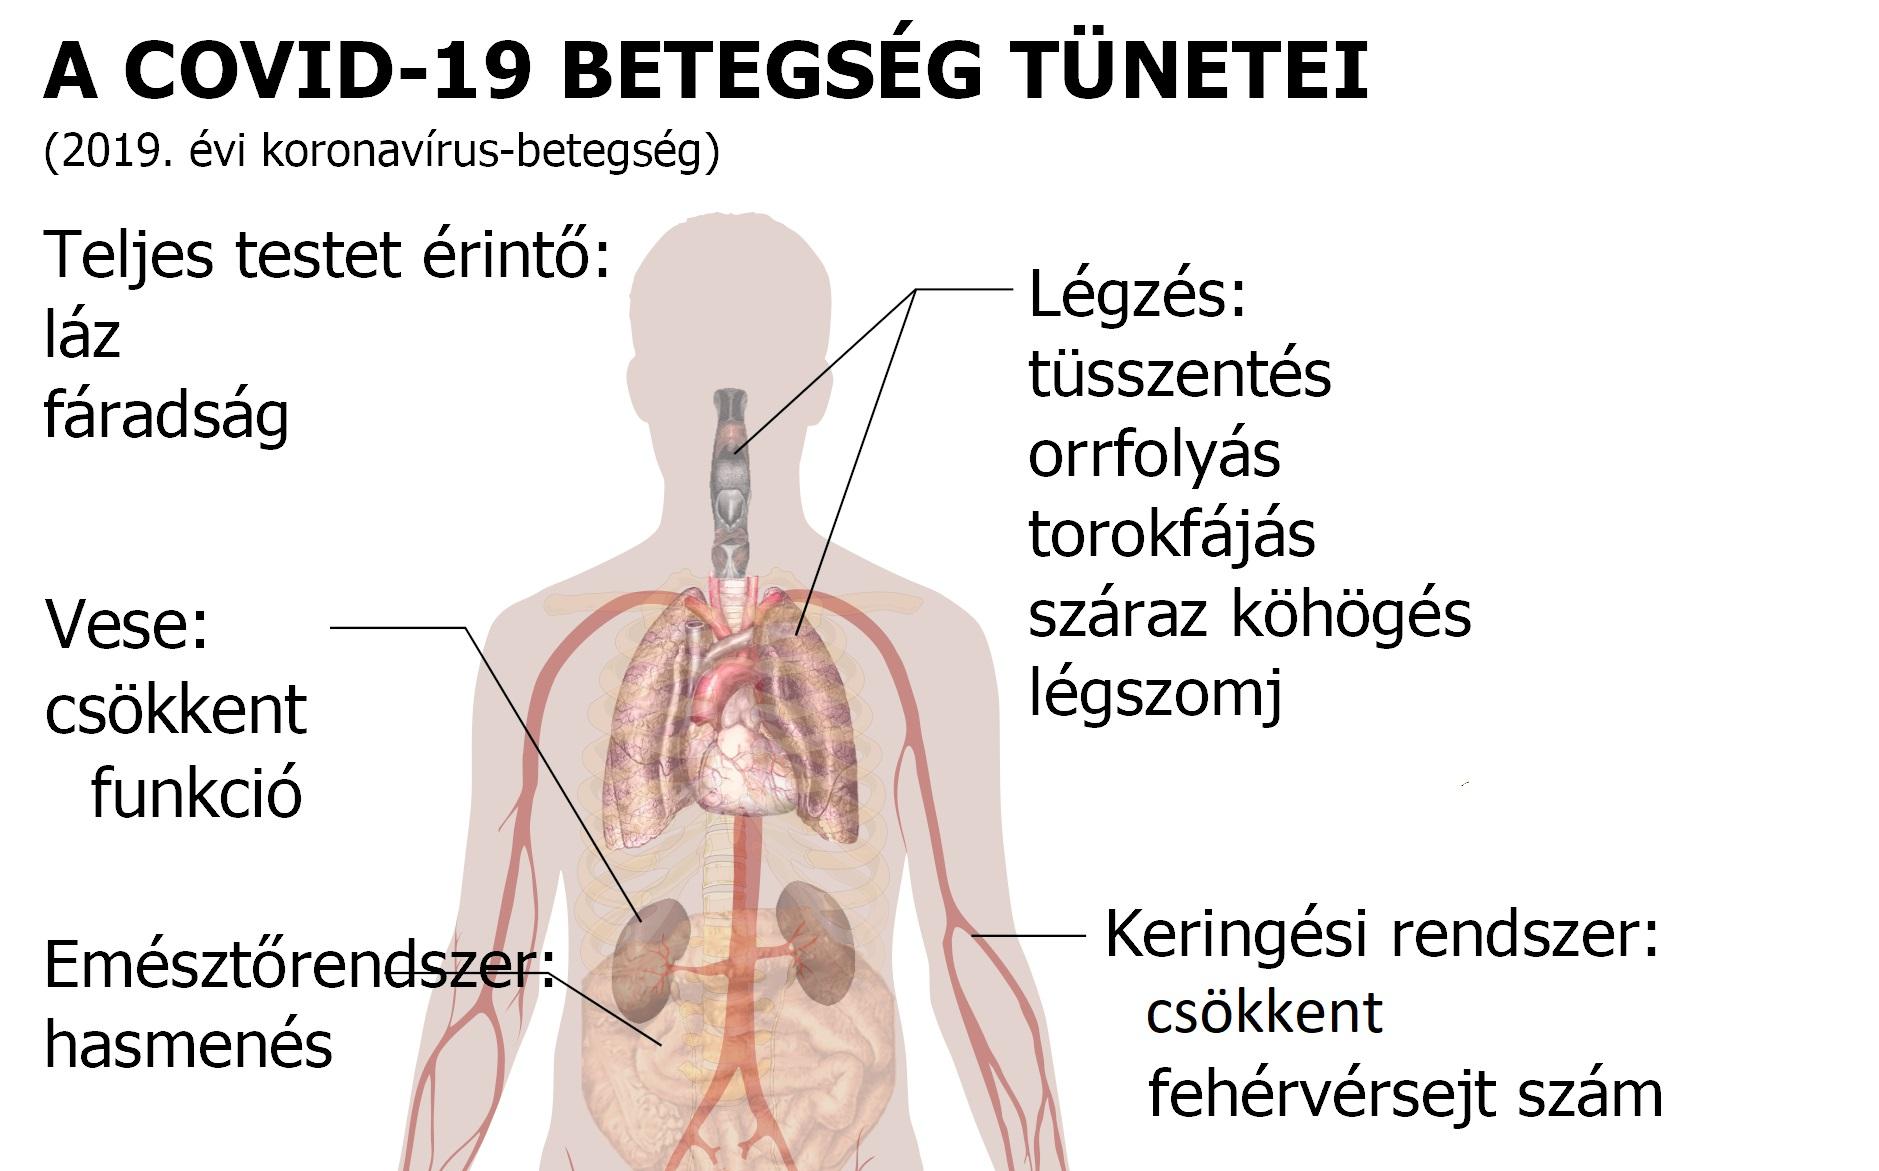 magas lázas magas vérnyomás)